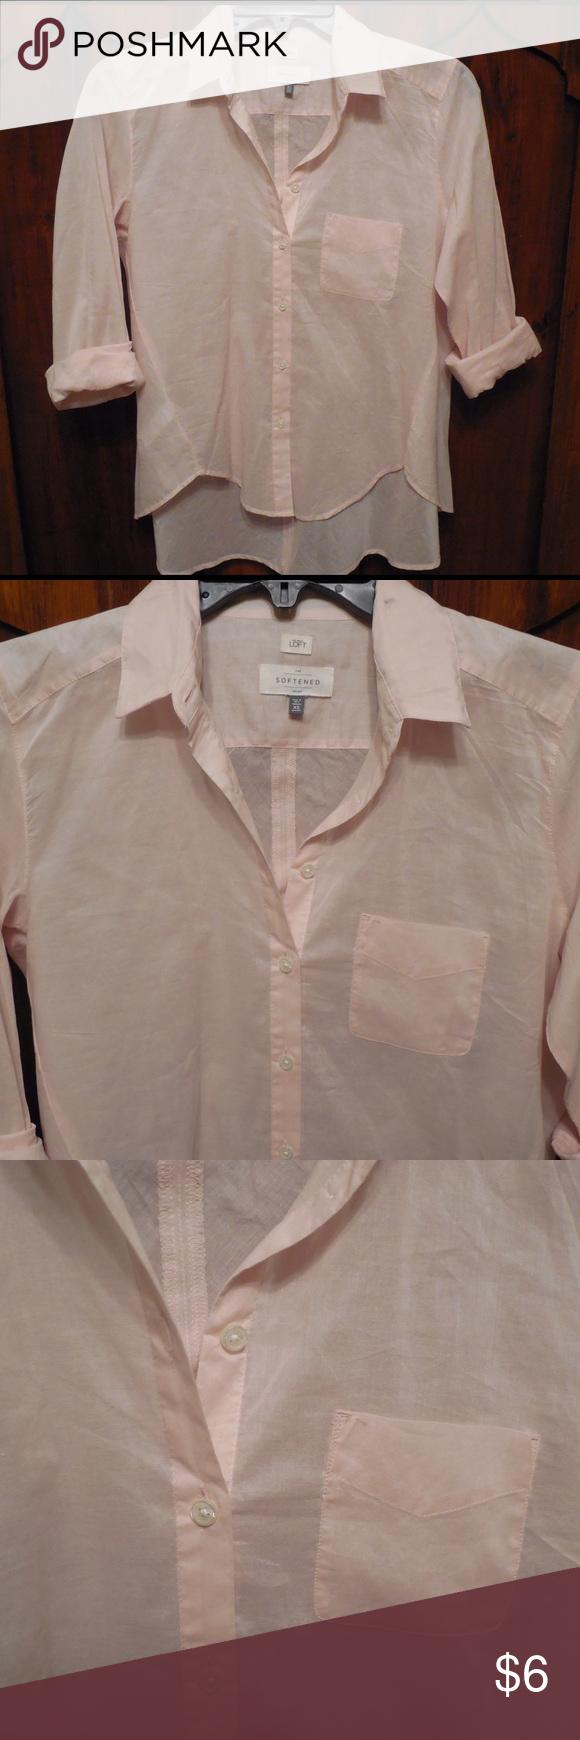 Loft button down shirt Light pink button down pocket shirt LOFT Tops